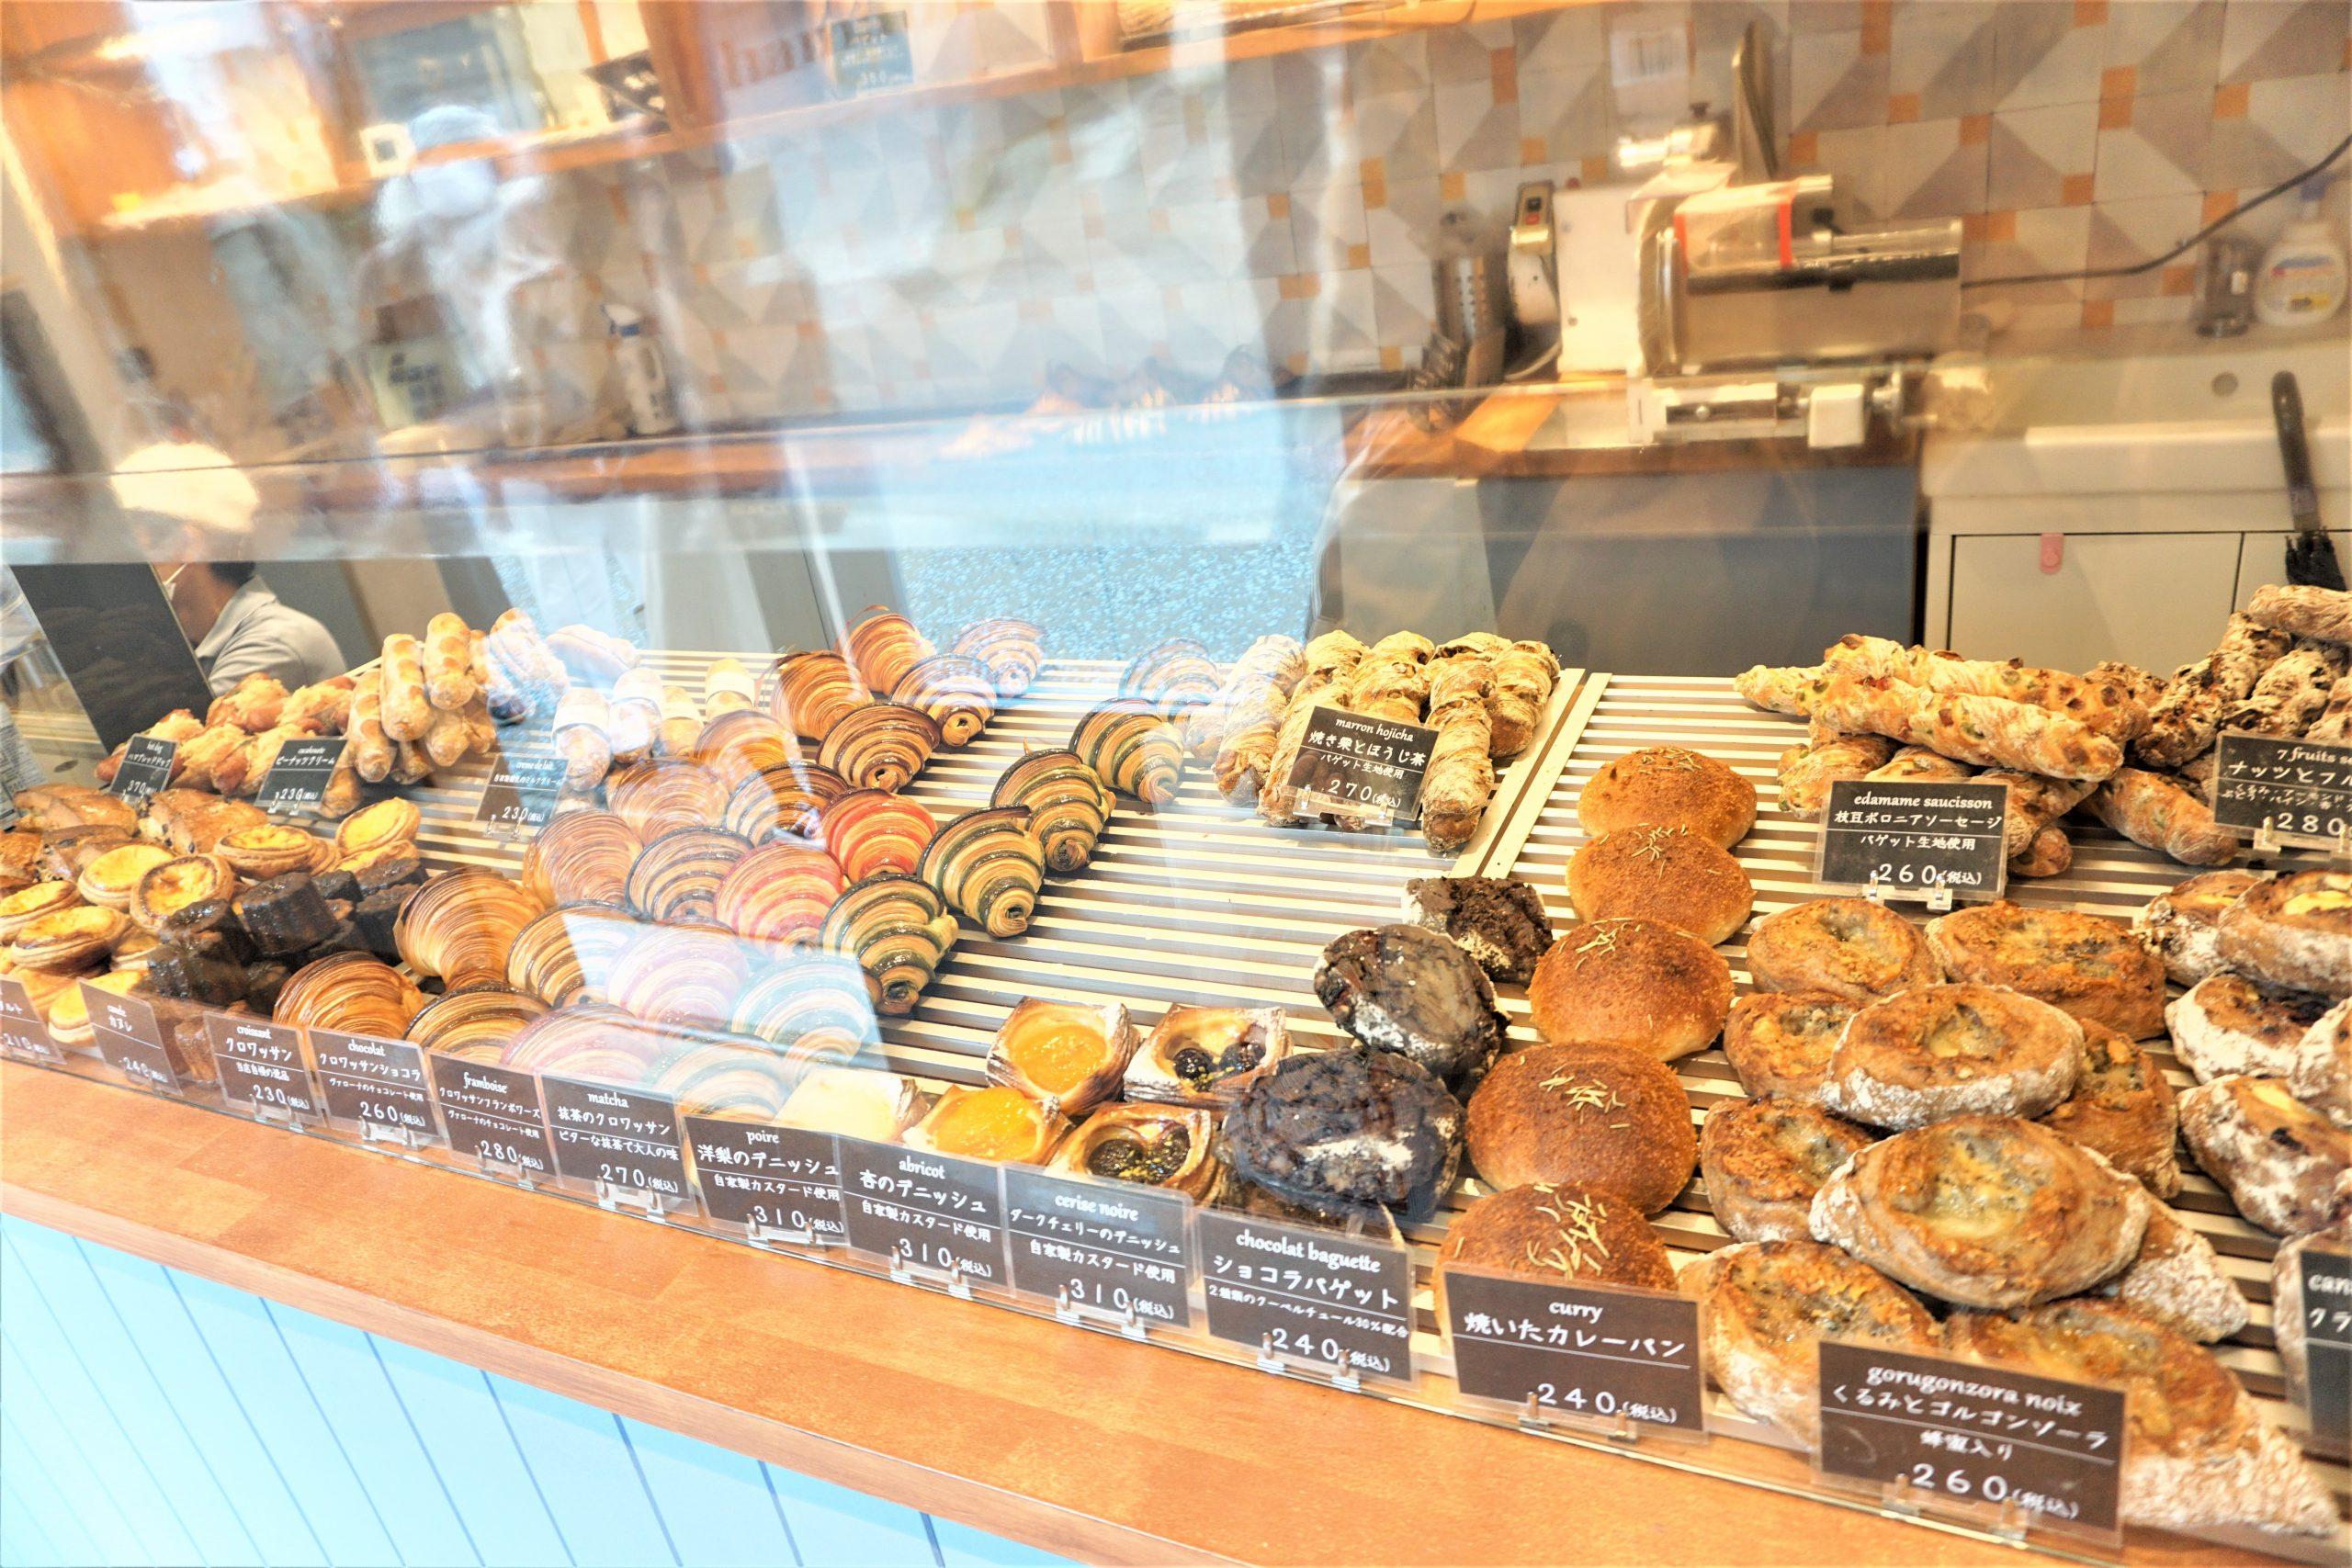 世界レベルのパン!?横浜・石川町「ハマブレッド」へ芸術的に美しい名物クロワッサンを求めて行ってきた